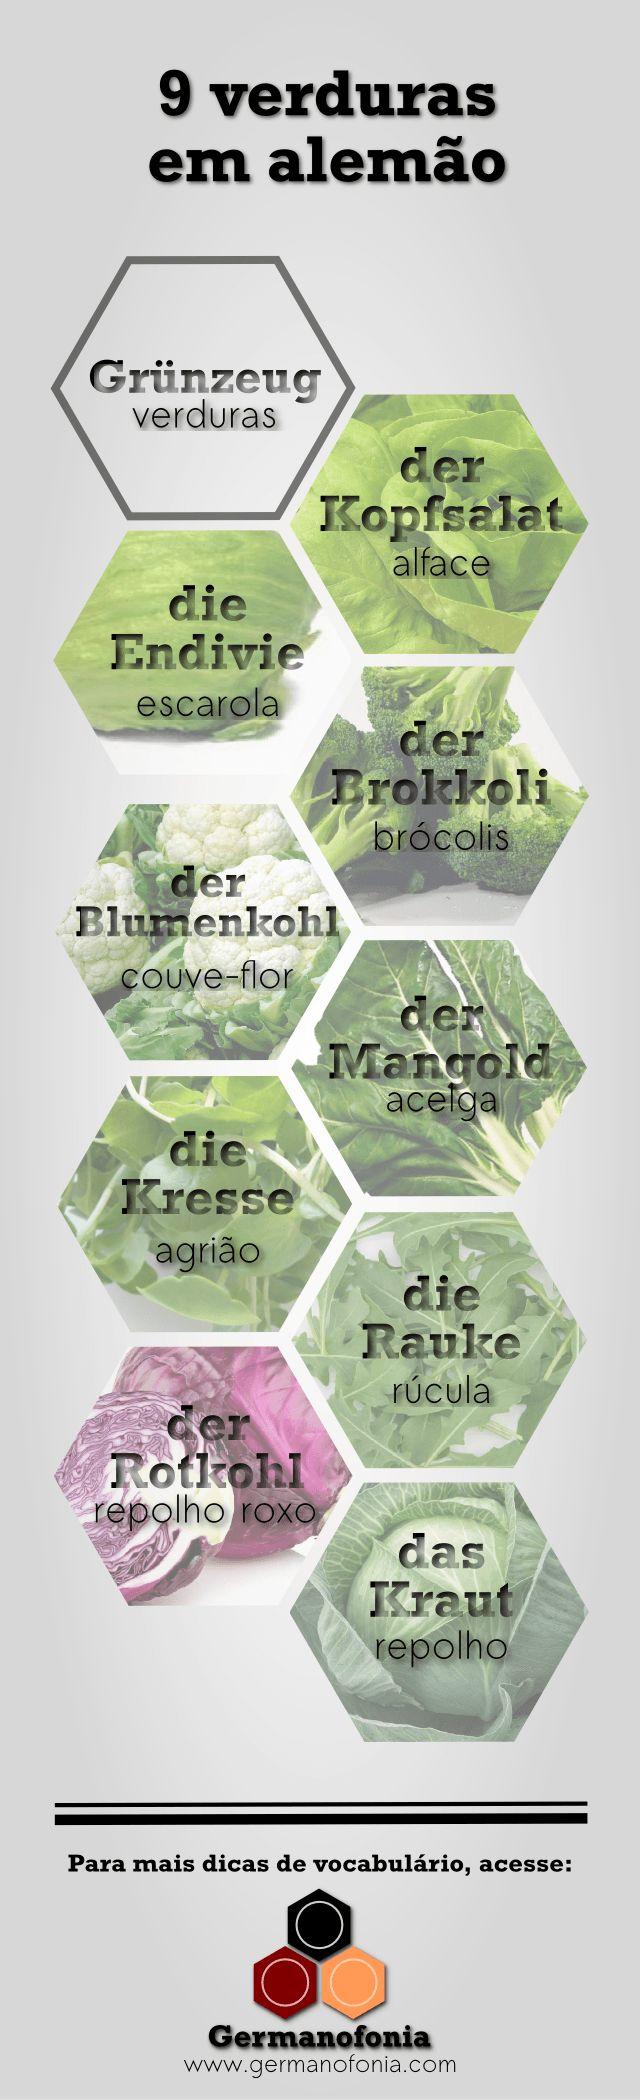 verduras em alemão